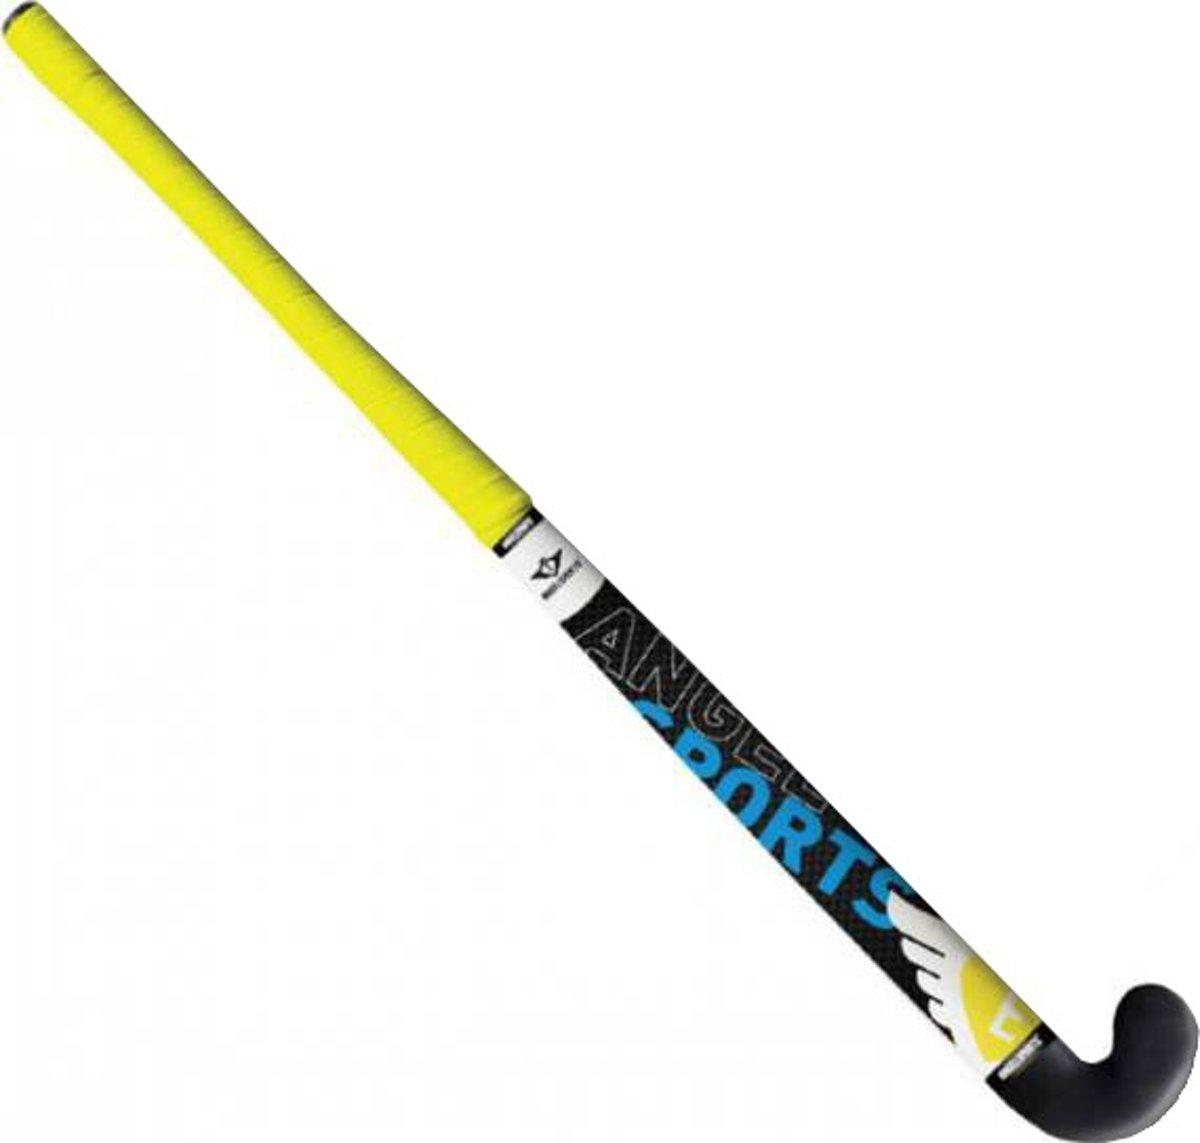 Hockeystick 33 1 stuk kunststof geel